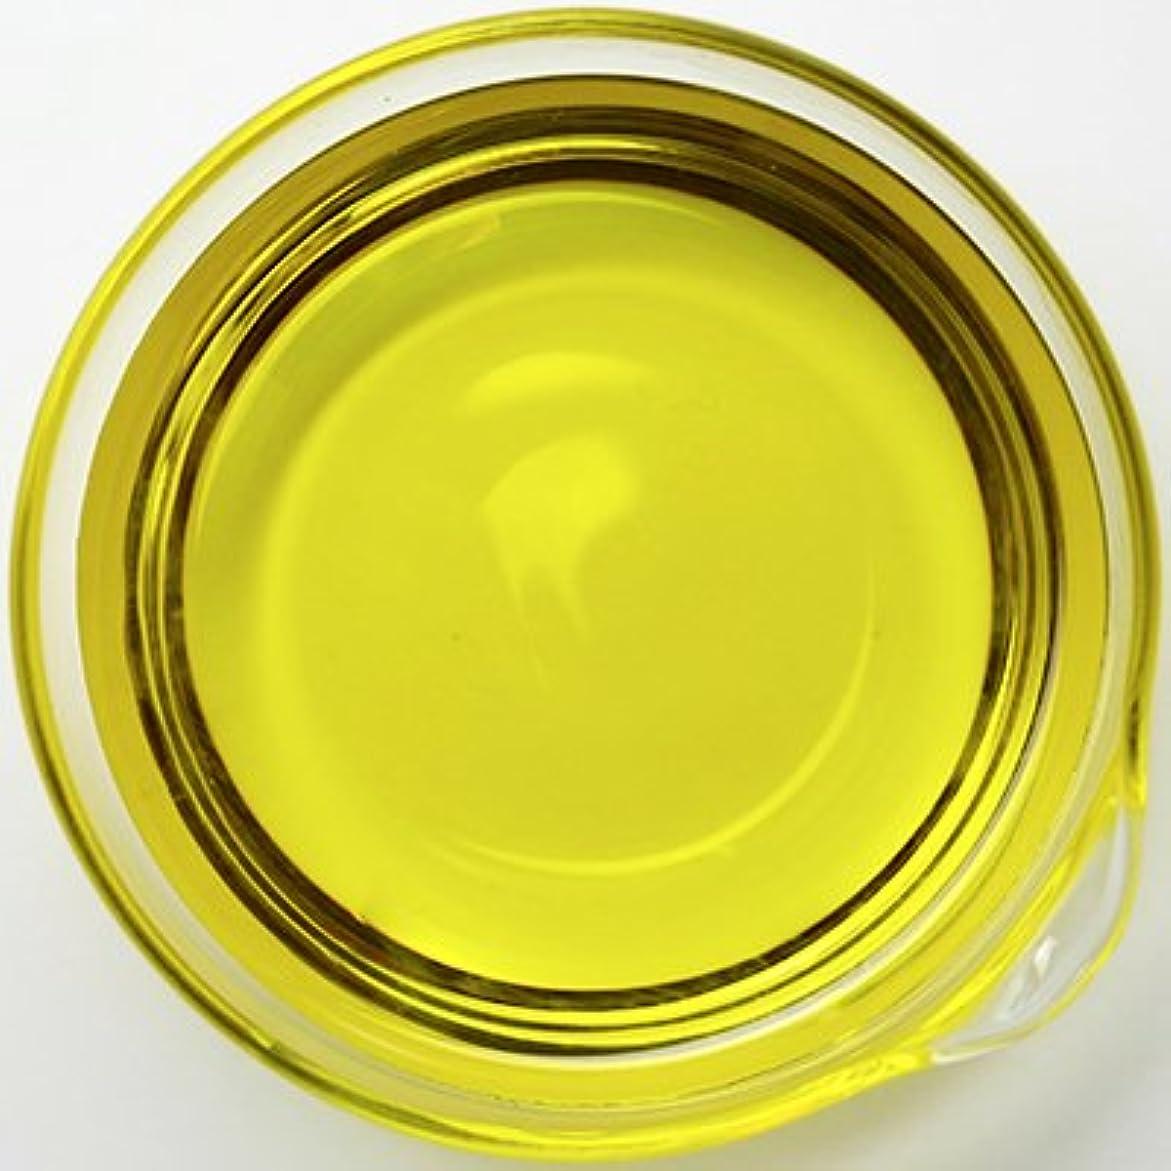 アルバニー論理的に少数オーガニック アルニカオイル [アルニカ抽出油] 1L 【アルニカ油/手作り石鹸/手作りコスメ/美容オイル/キャリアオイル/マッサージオイル】